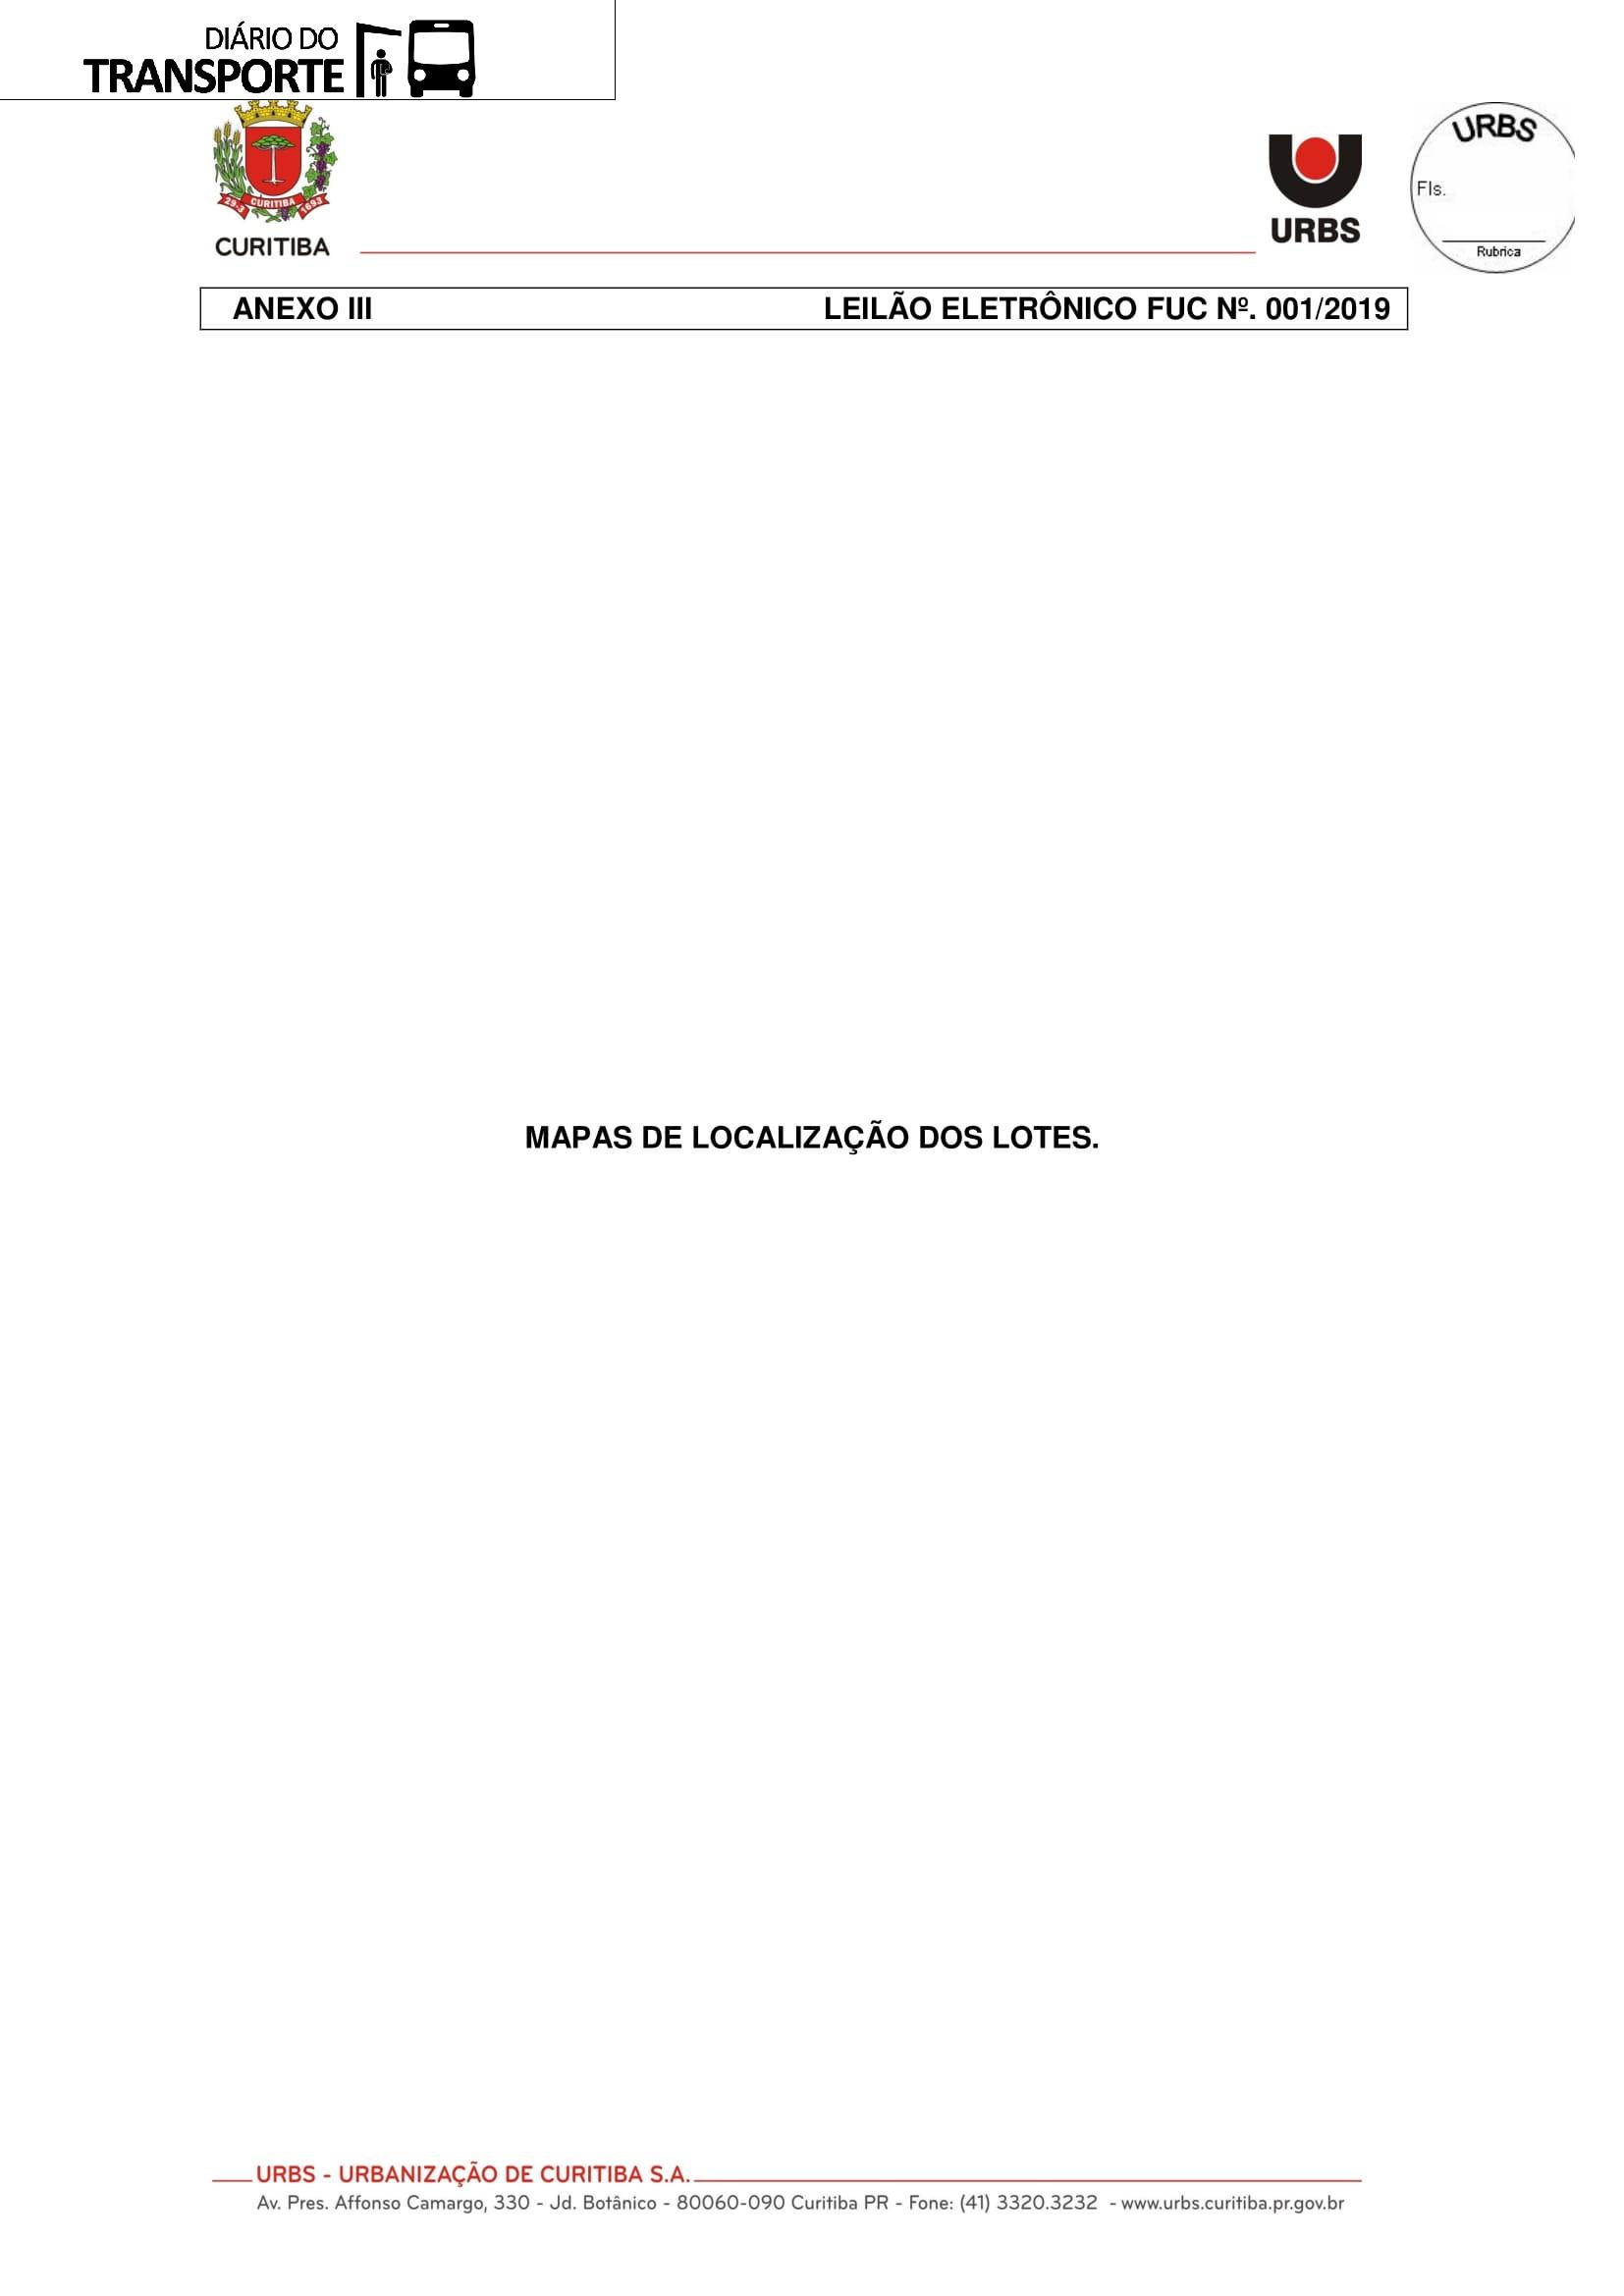 EDITAL_LEILAO_FUC_001_2019-18